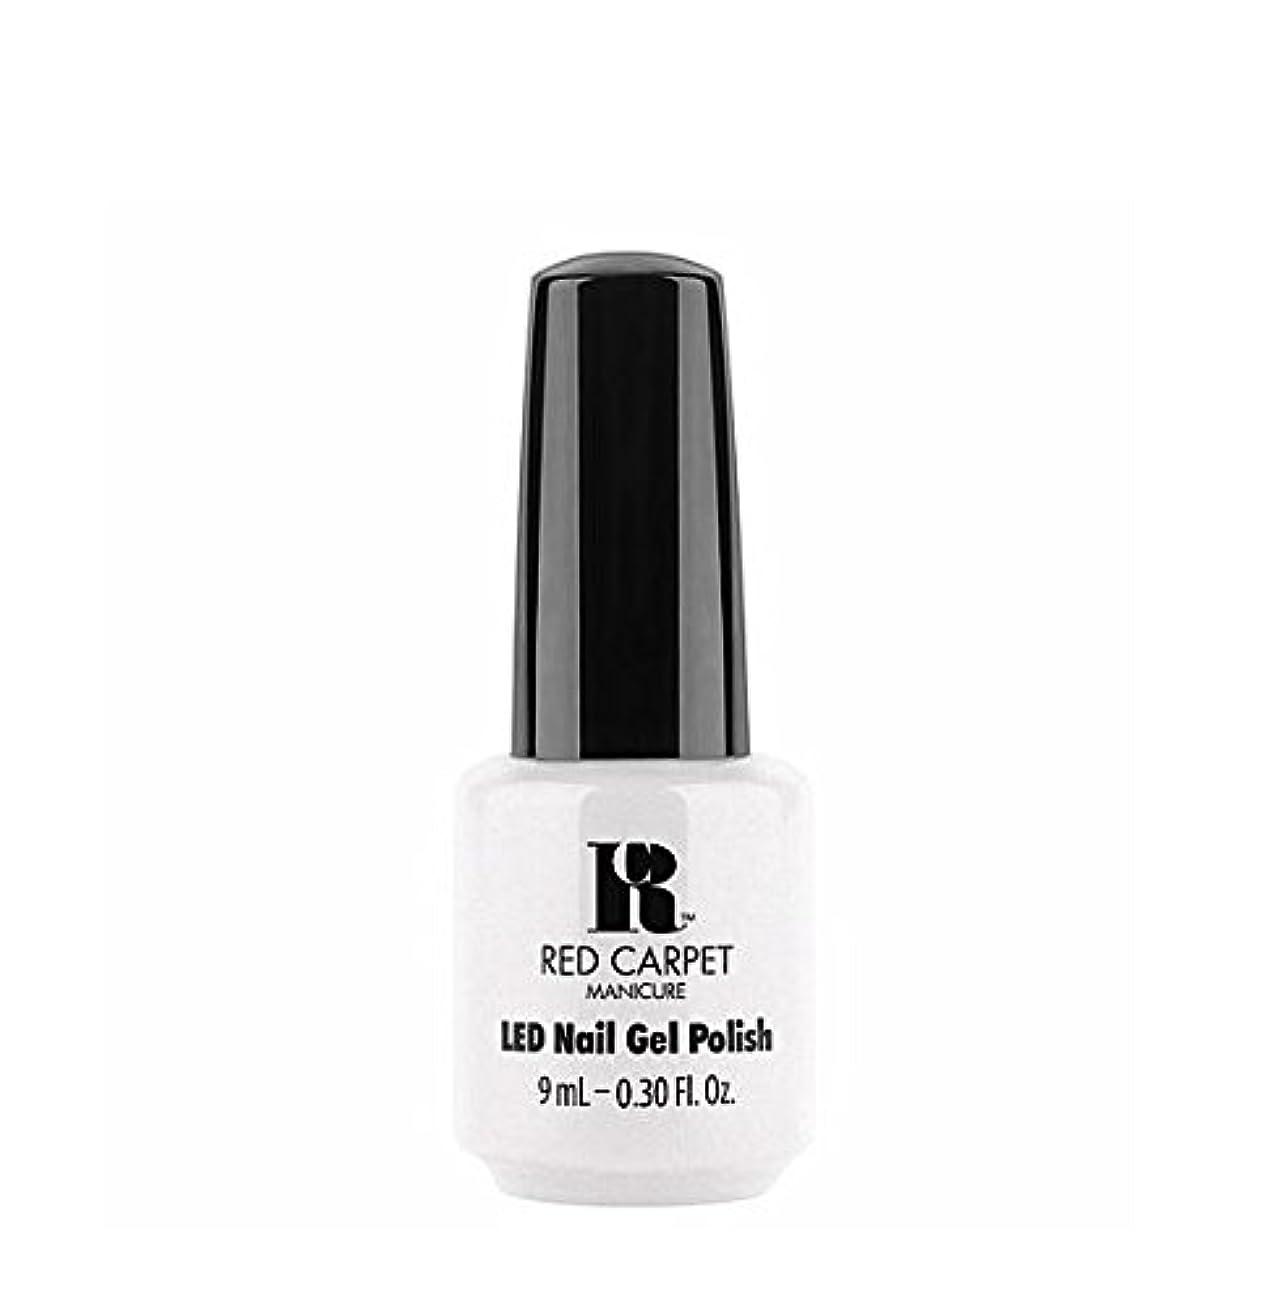 Red Carpet Manicure LED Gel Polish - I Strut, You Strut - 9 ml/0.30 oz